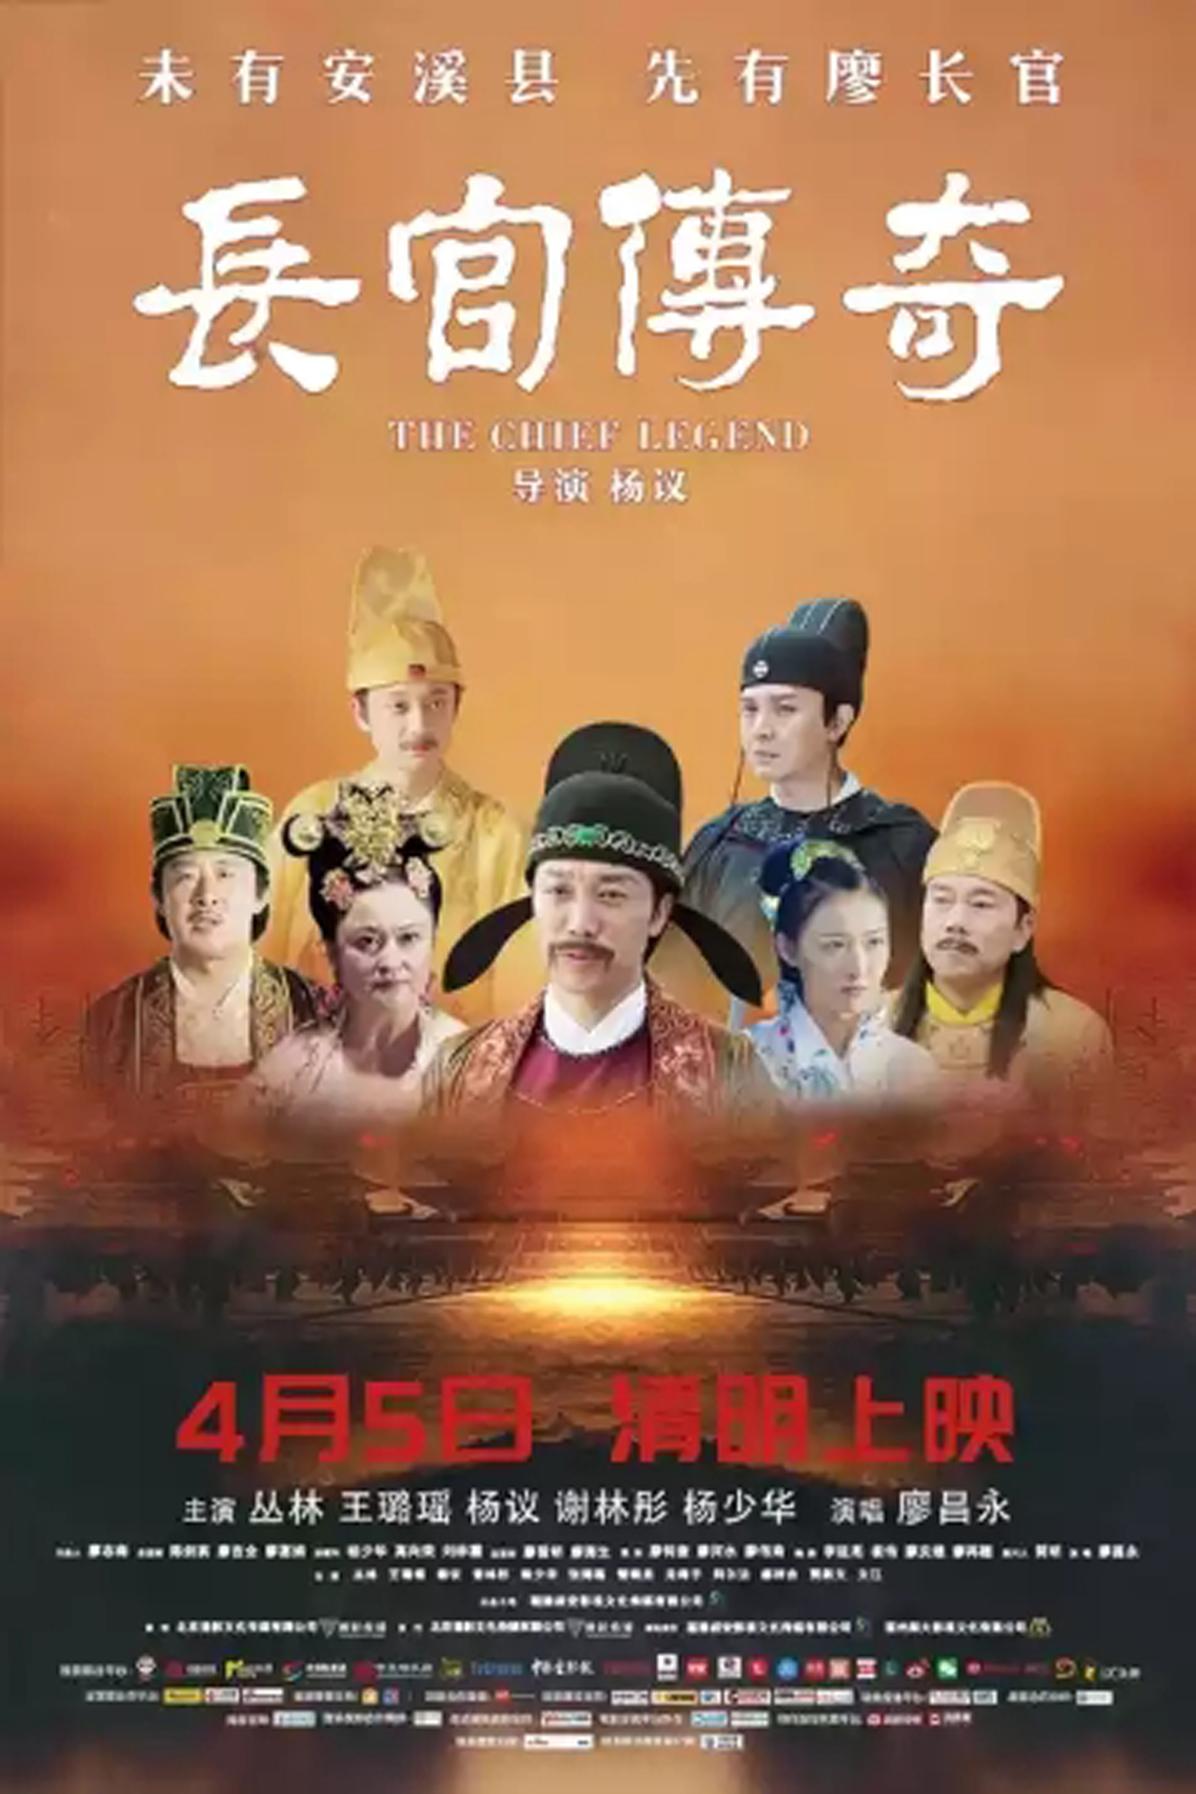 《长官传奇》首映礼_图14